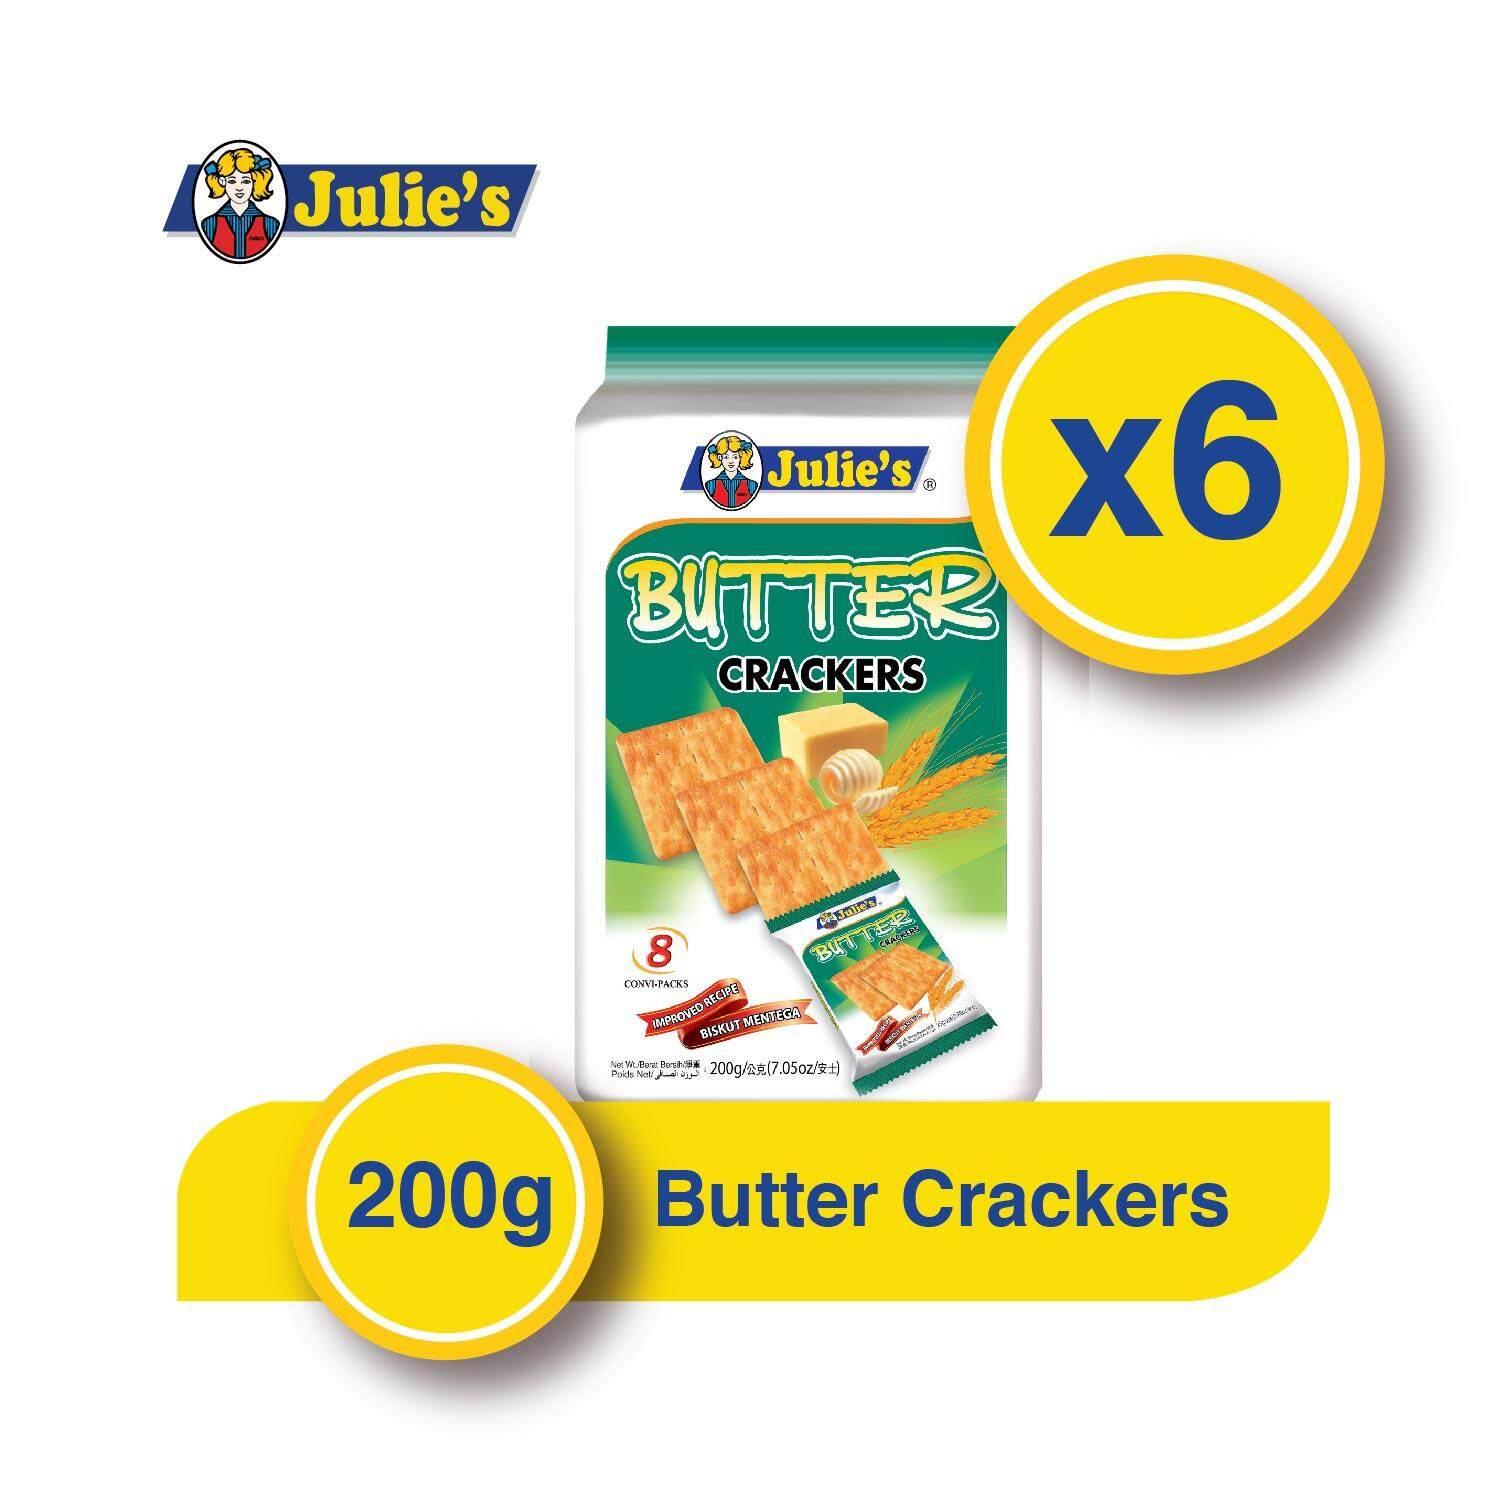 Julie's Butter Crackers 200g x 6 Packs + Free 5...